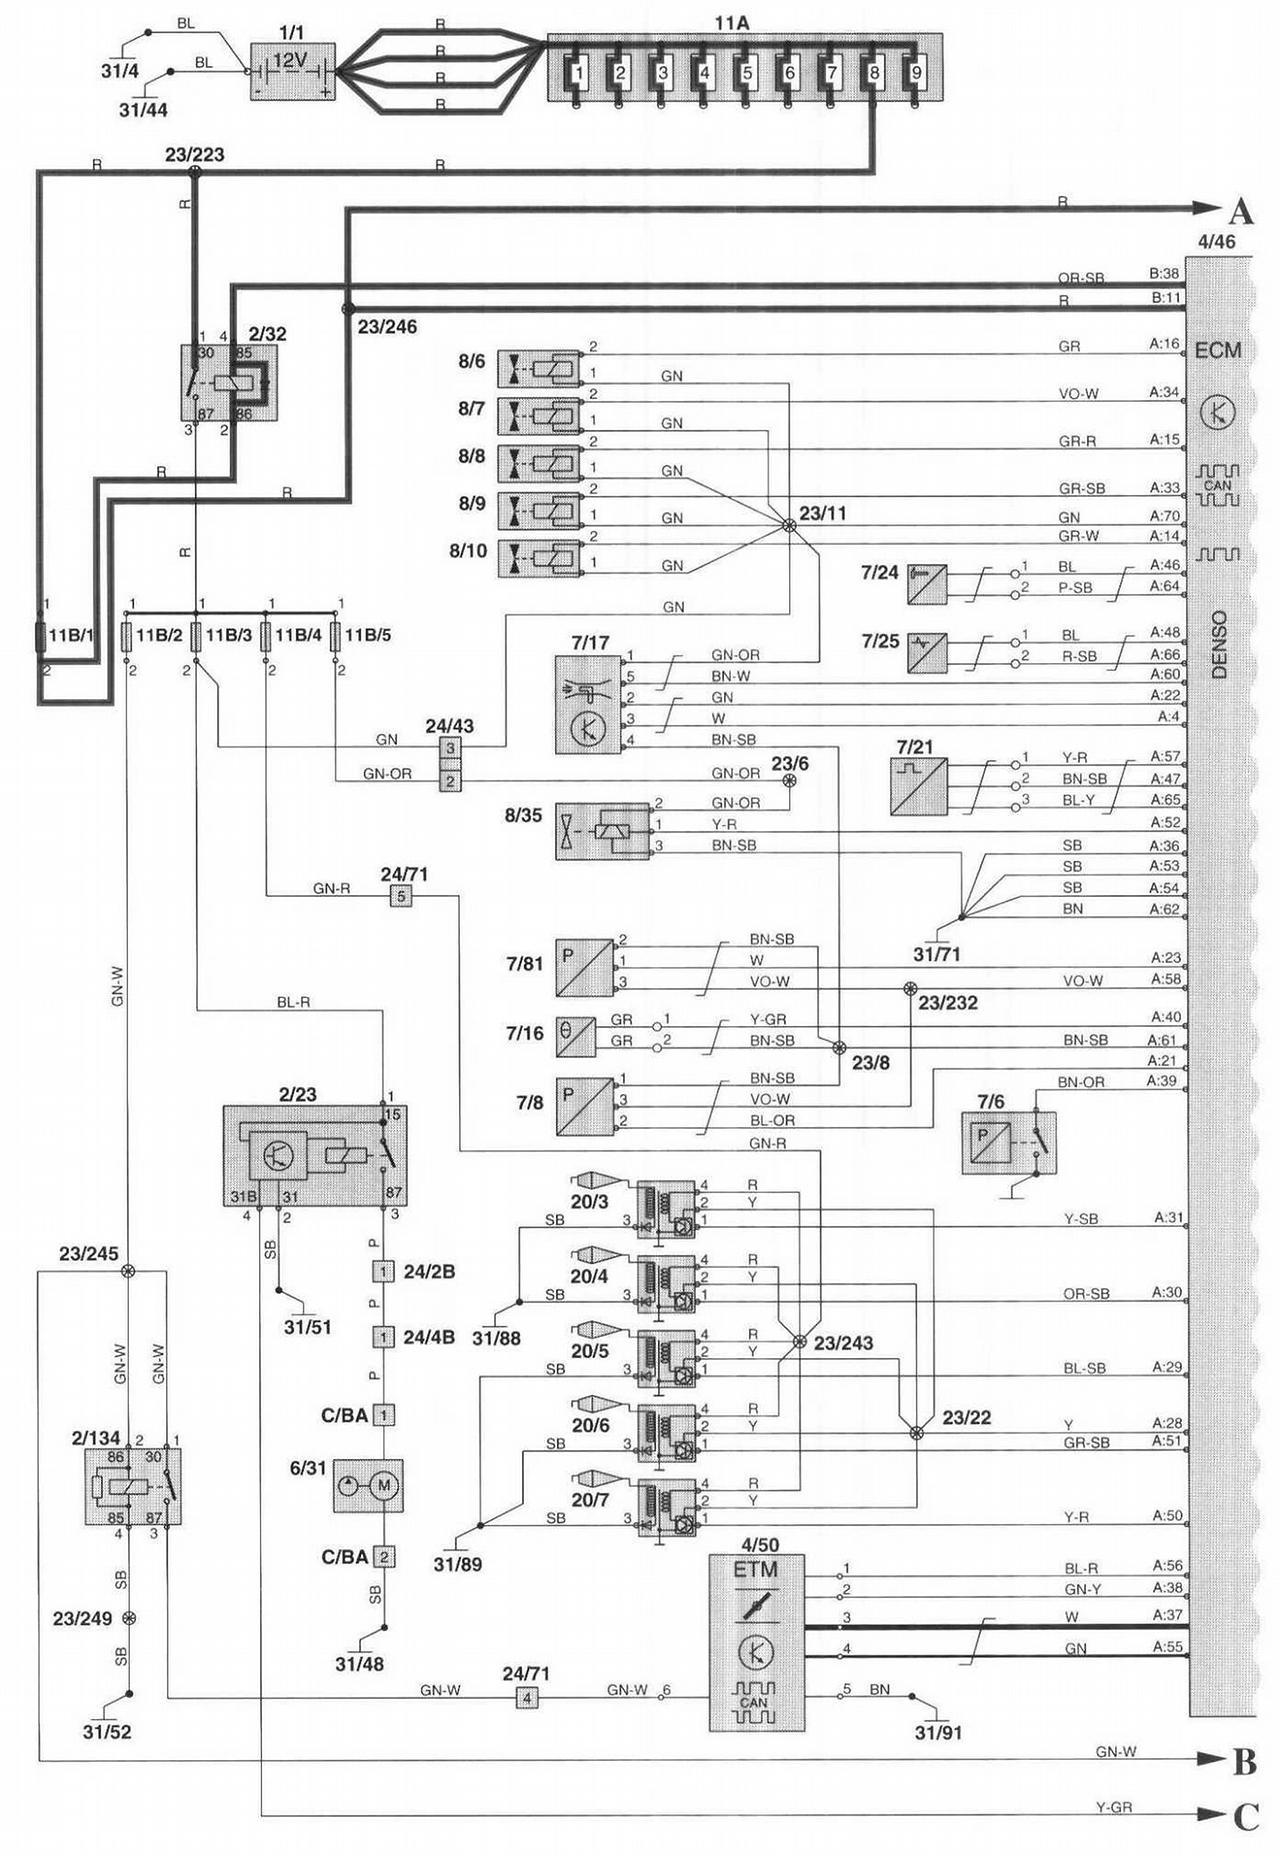 volvo wiring diagram xc90 7 spikeballclubkoeln de \u2022